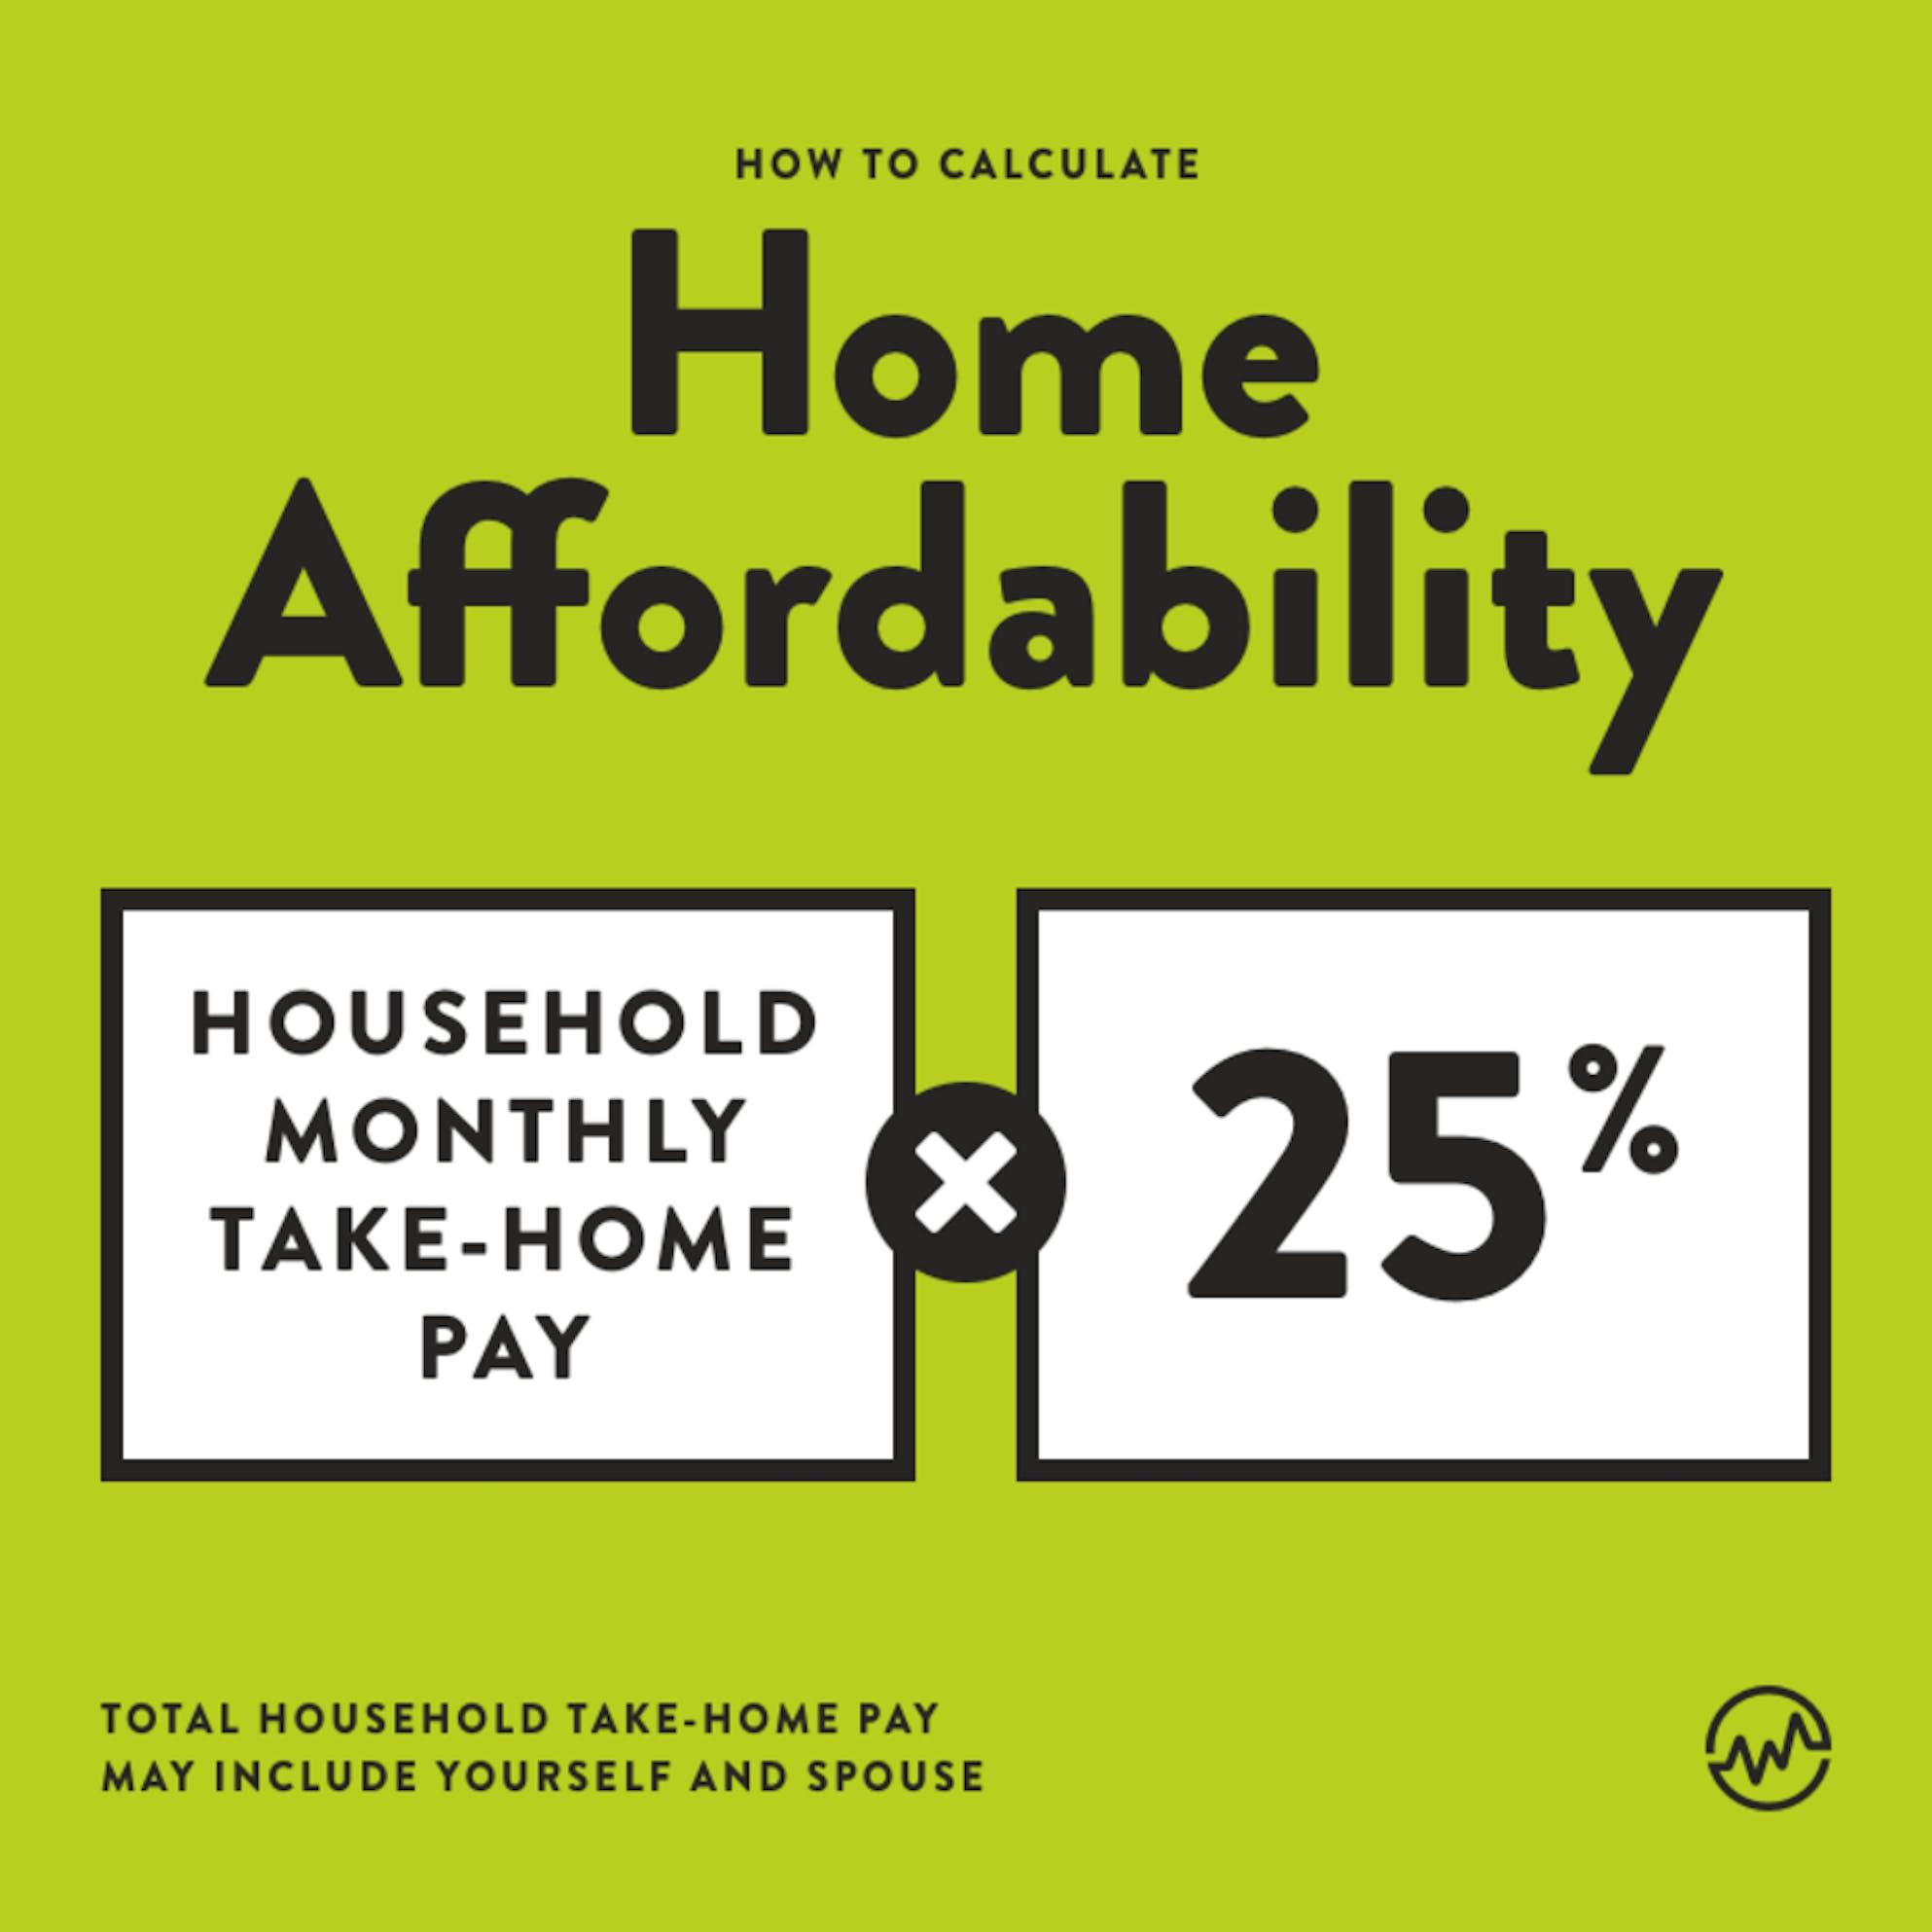 home affordability equation